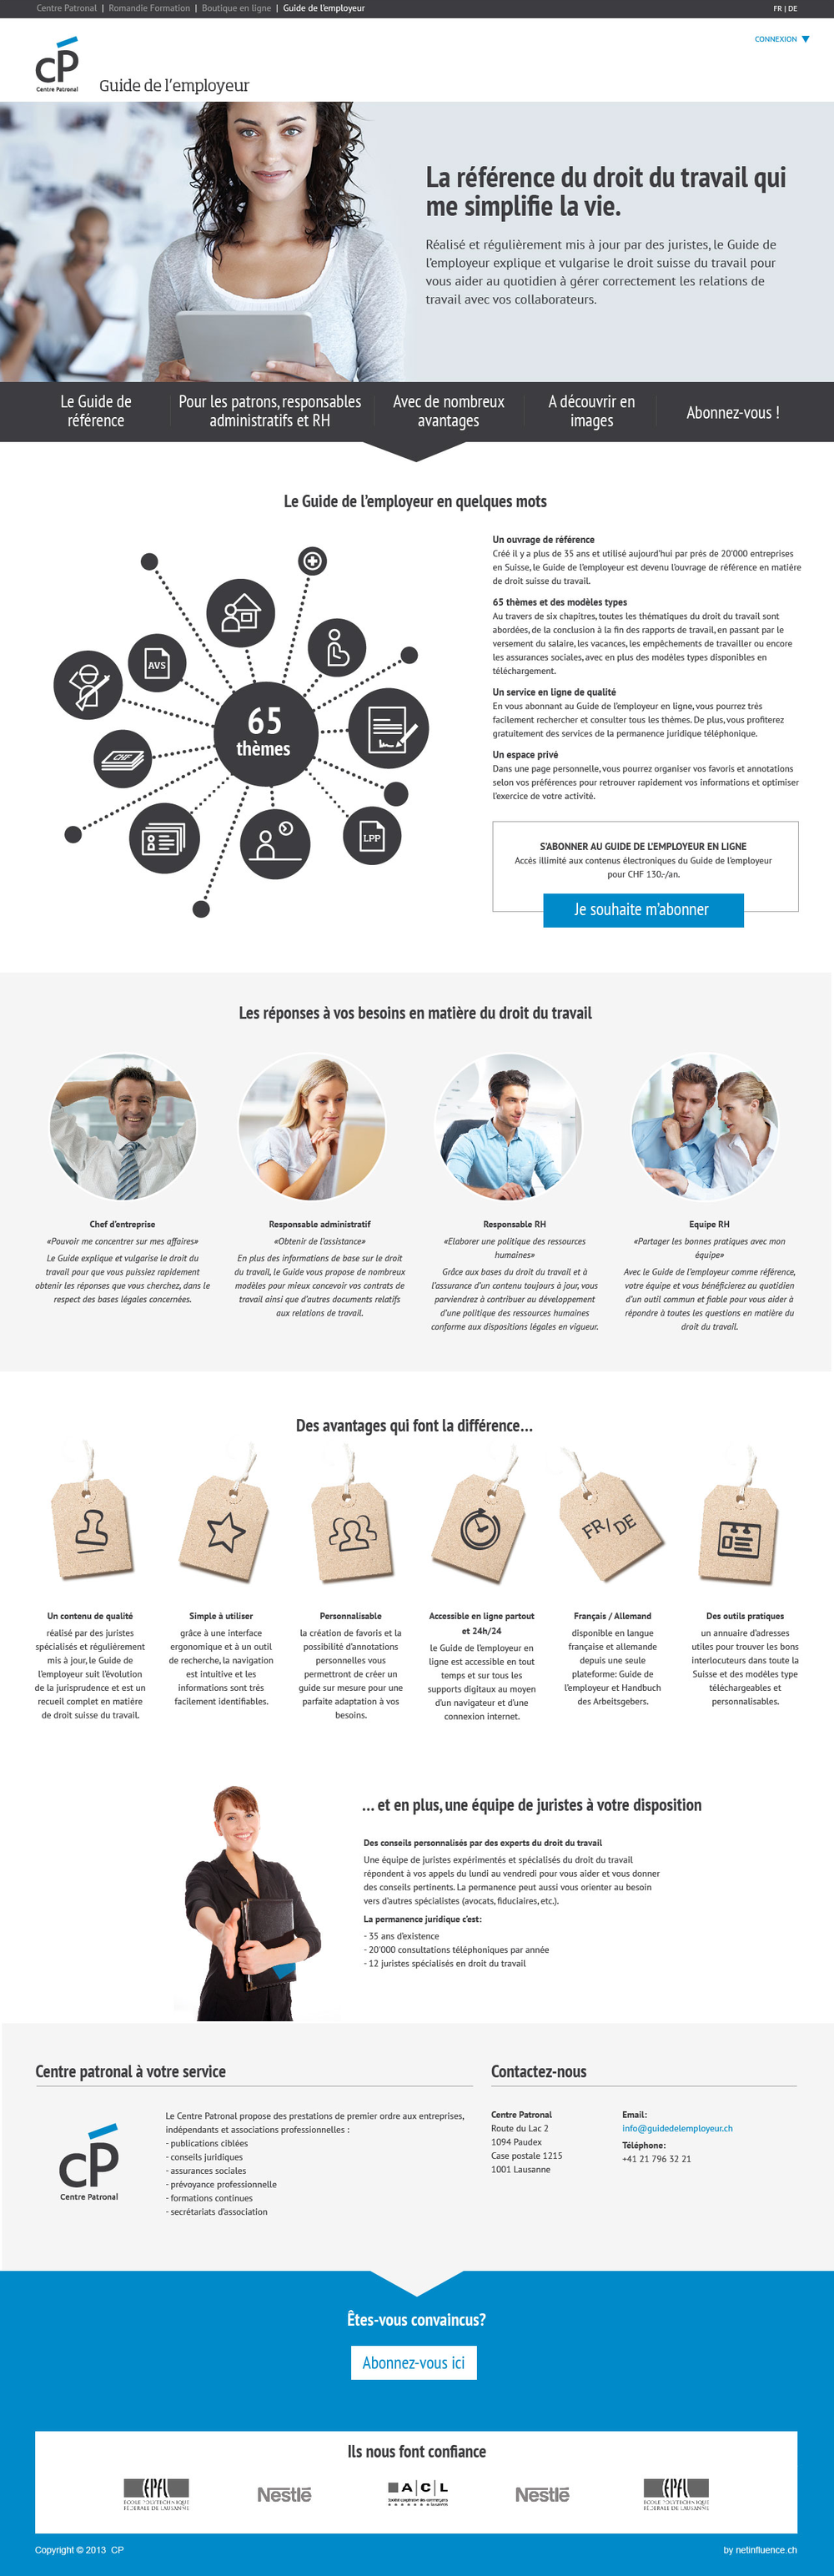 centre patronale guide de l'employeur - par netinfluence